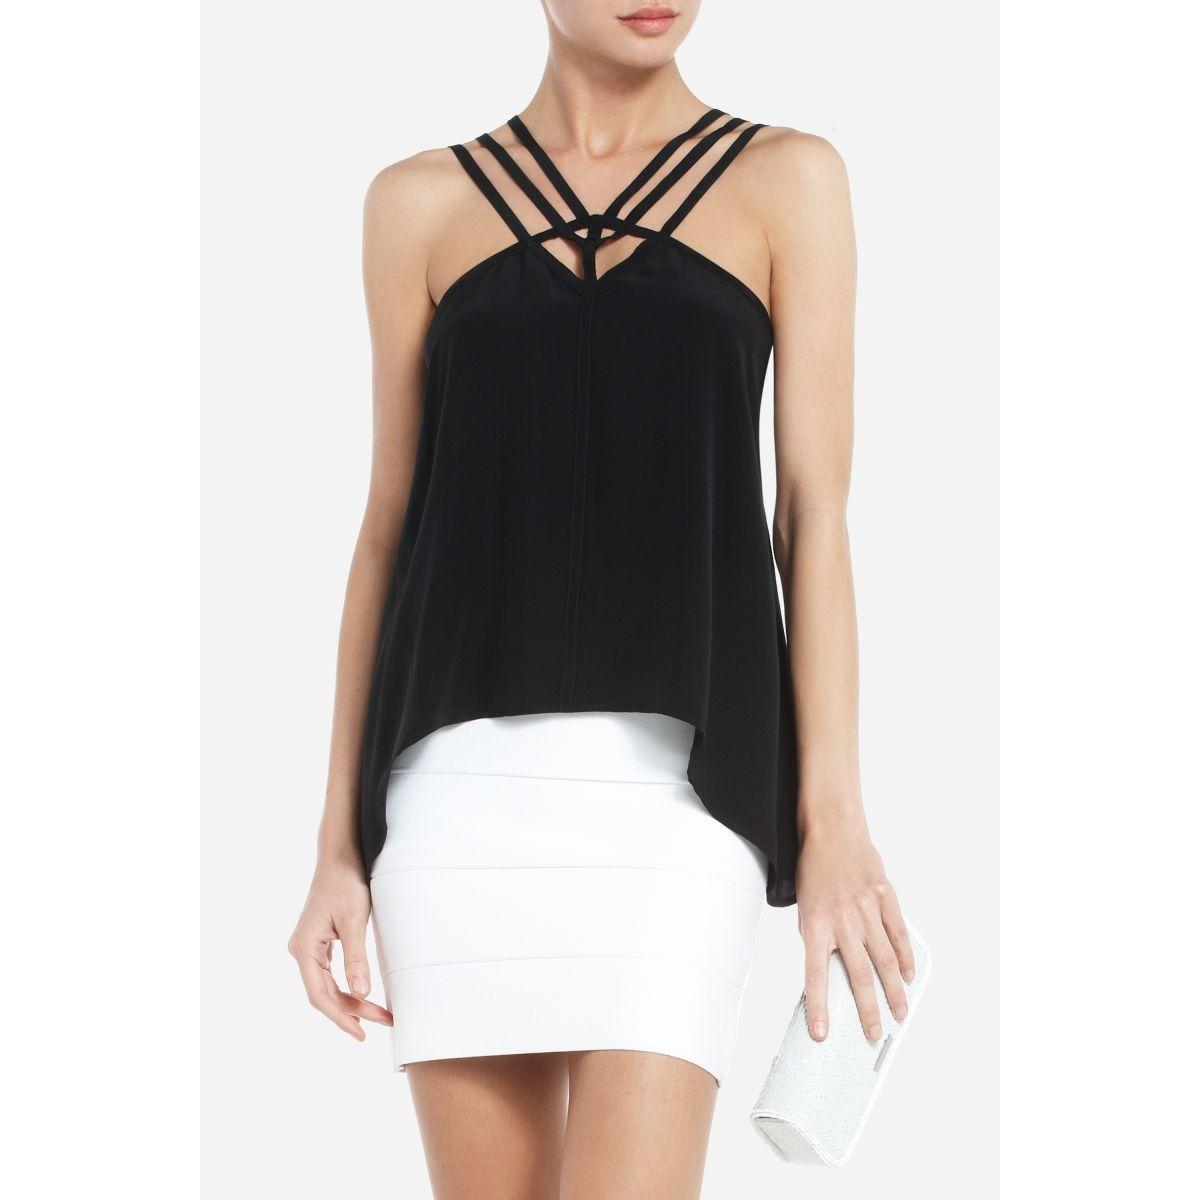 Designer Clothing Shops, Online